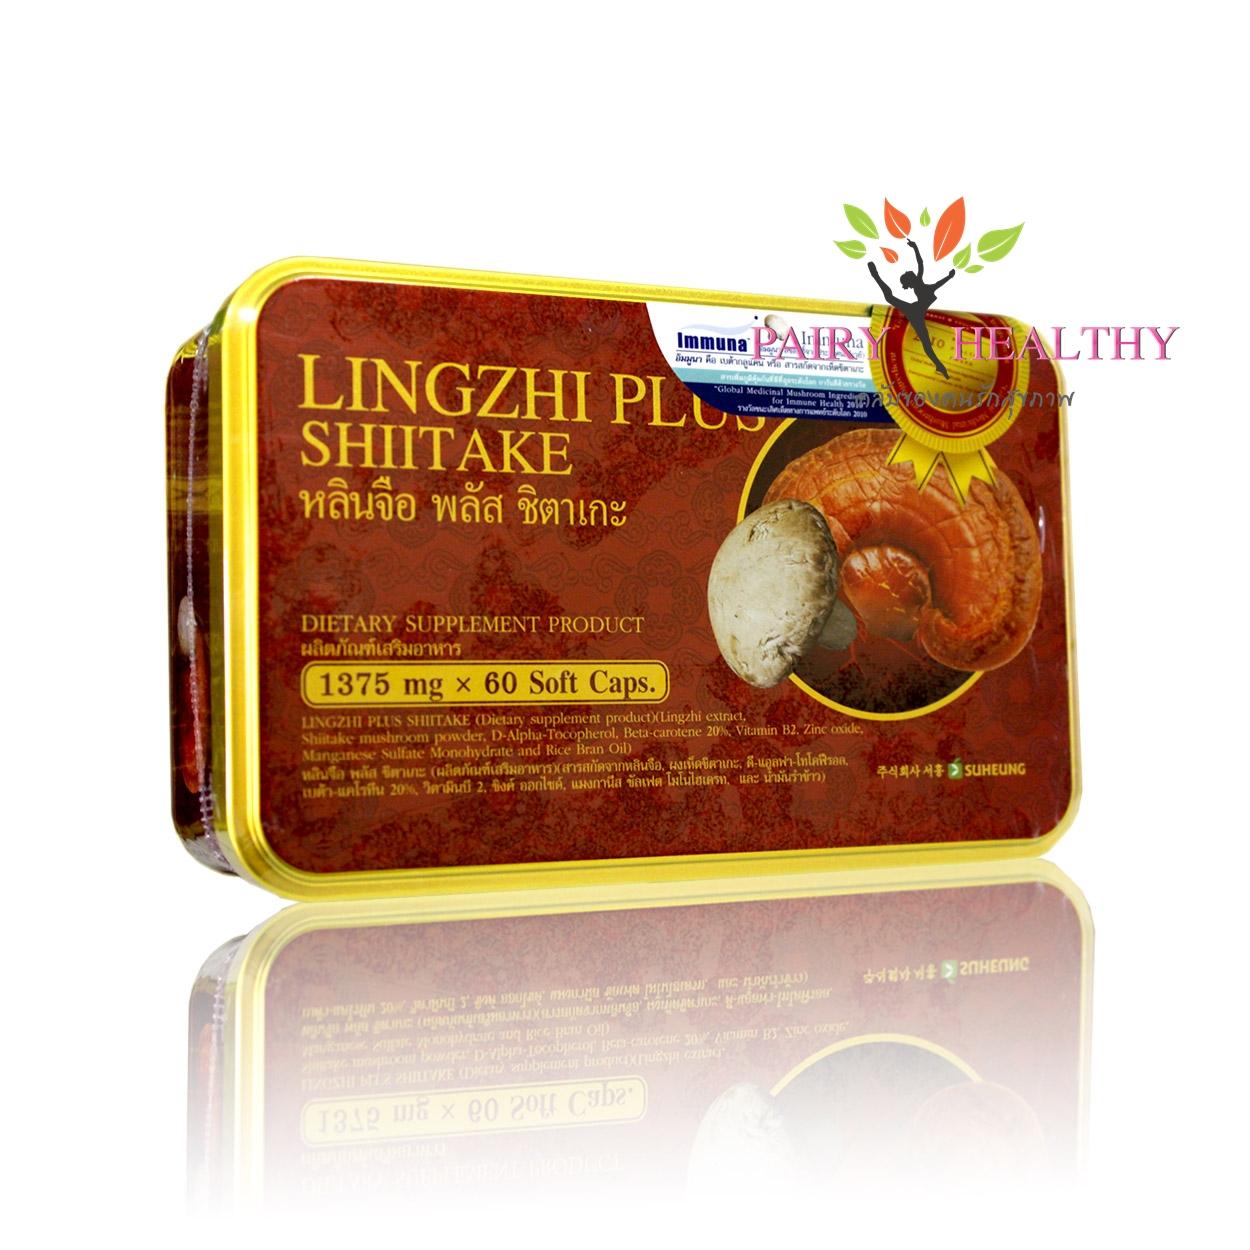 Lingzhi Plus Shiitake หลินจือ พลัส ชิตาเกะ บรรจุ 60 แคปซูล ราคา 725 บาท ส่งฟรี EMS